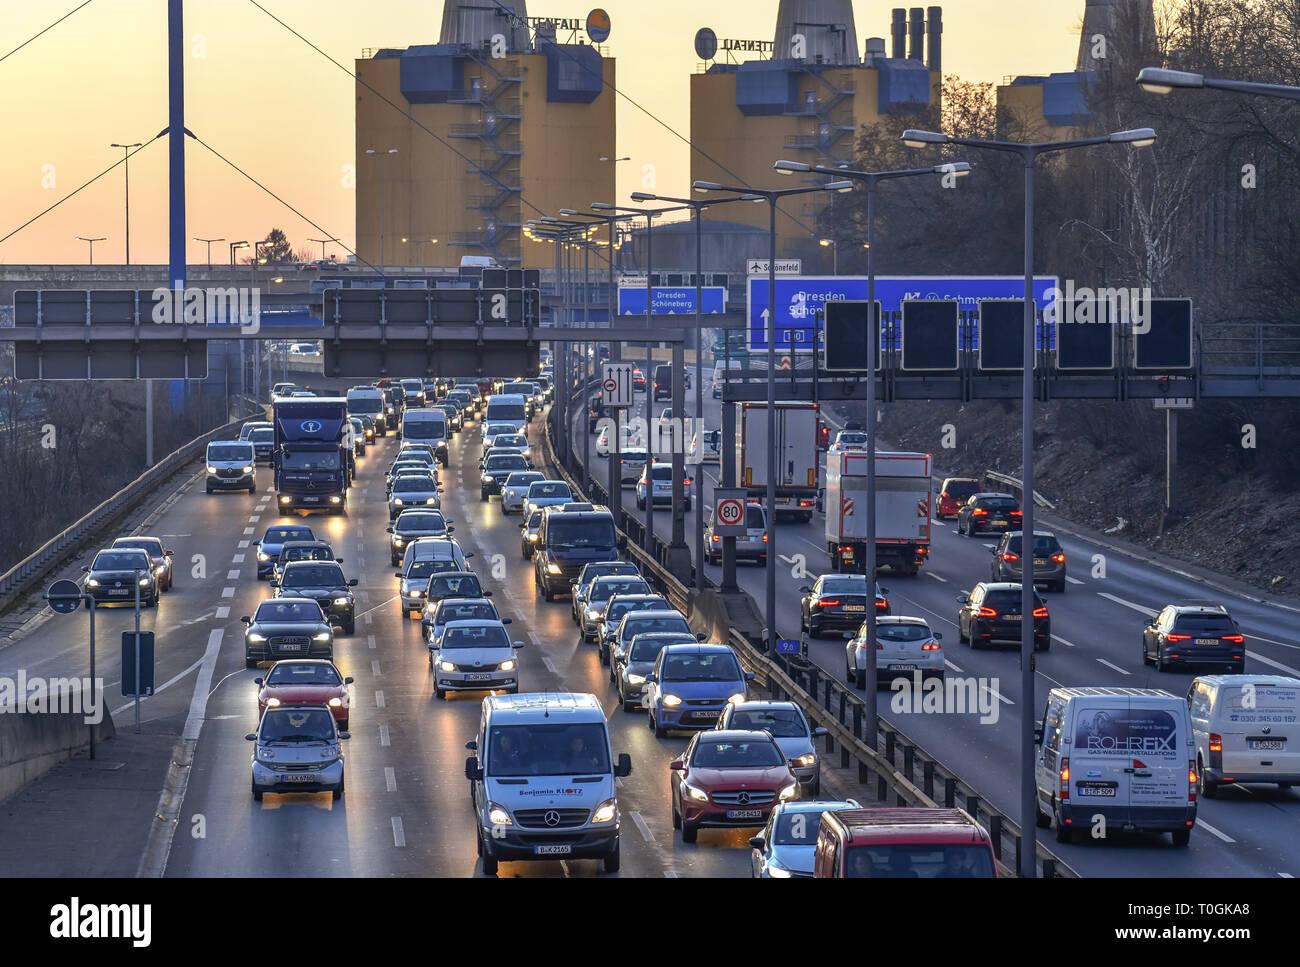 Viscous fluent traffic, town highway A 100, village Wilmers, Berlin, Germany, Zähfliessender Verkehr, Stadtautobahn A 100, Wilmersdorf, Deutschland Stock Photo